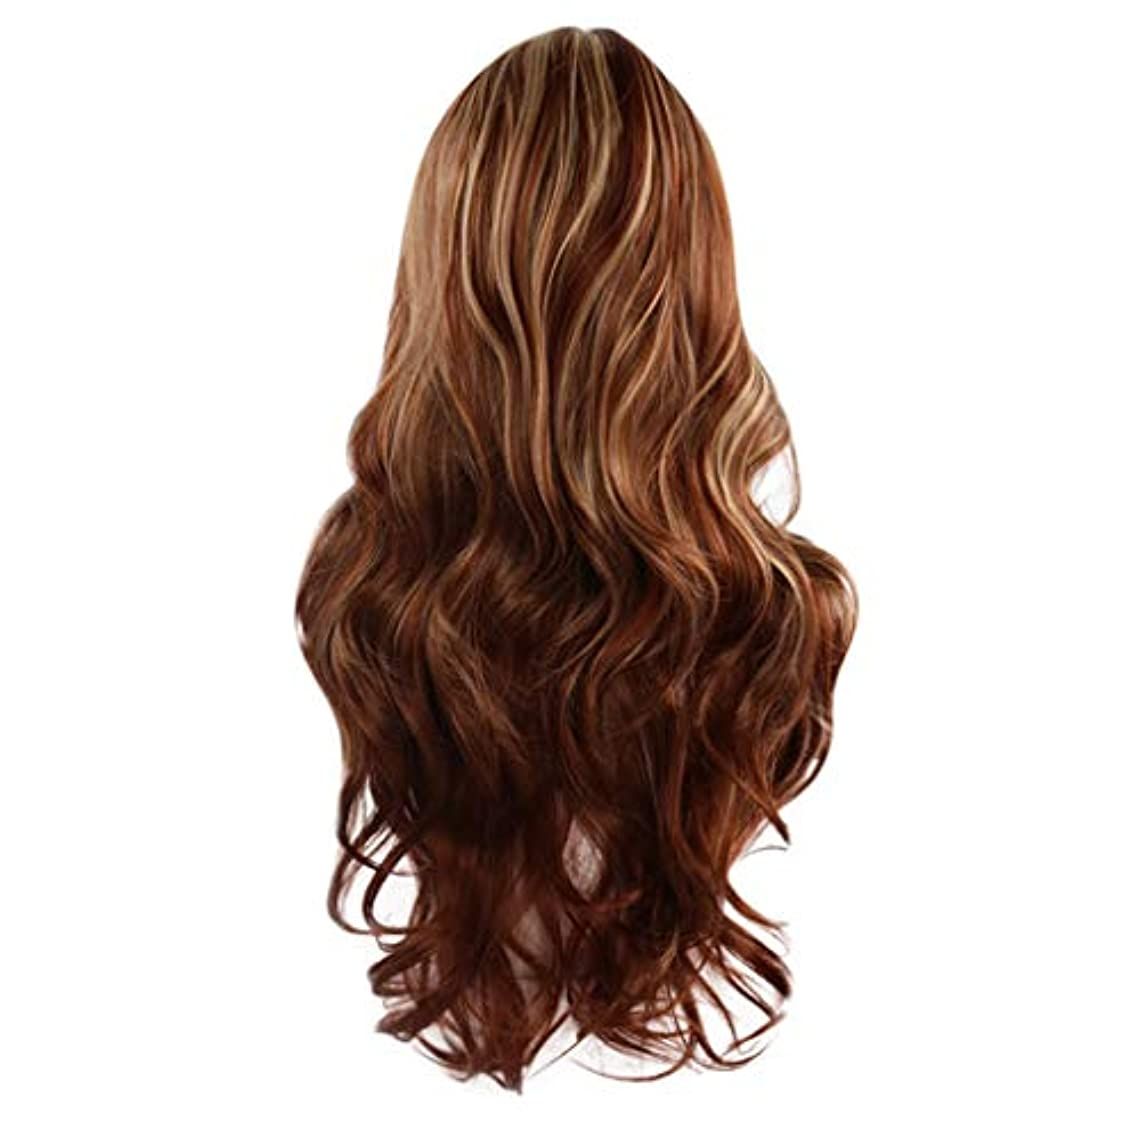 助手合意リファイン女性の茶色の長いウェーブのかかった巻き毛のかつらフルウィッグローズネット